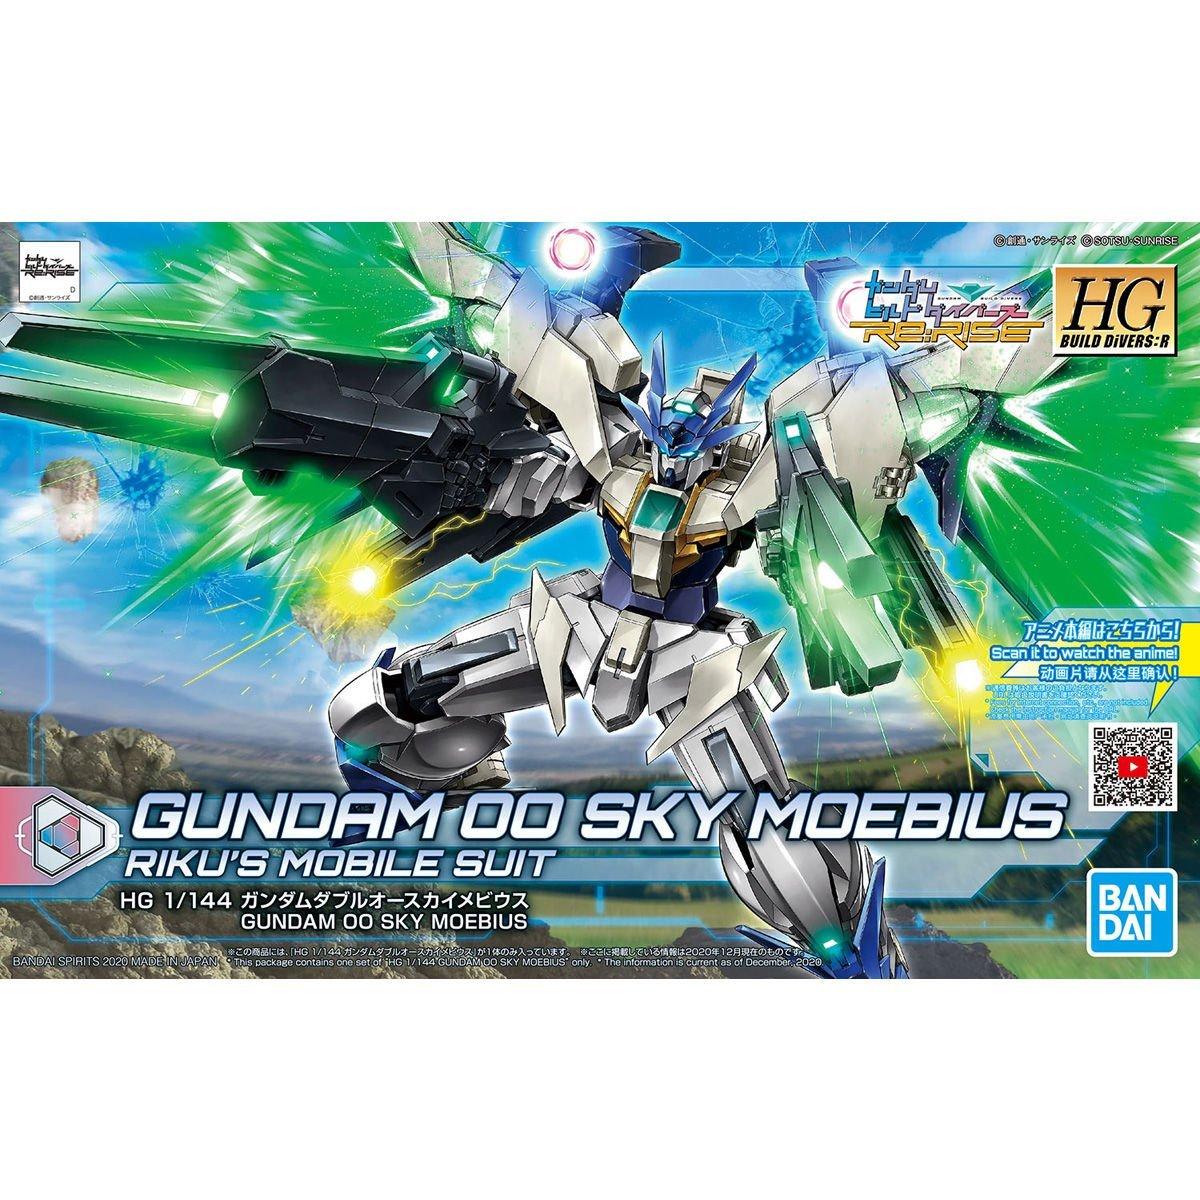 鋼彈gundam組合模型 HGBD:R 1/144 創鬥者潛網大戰Re:RISE #039 無限環式天翔型00鋼彈